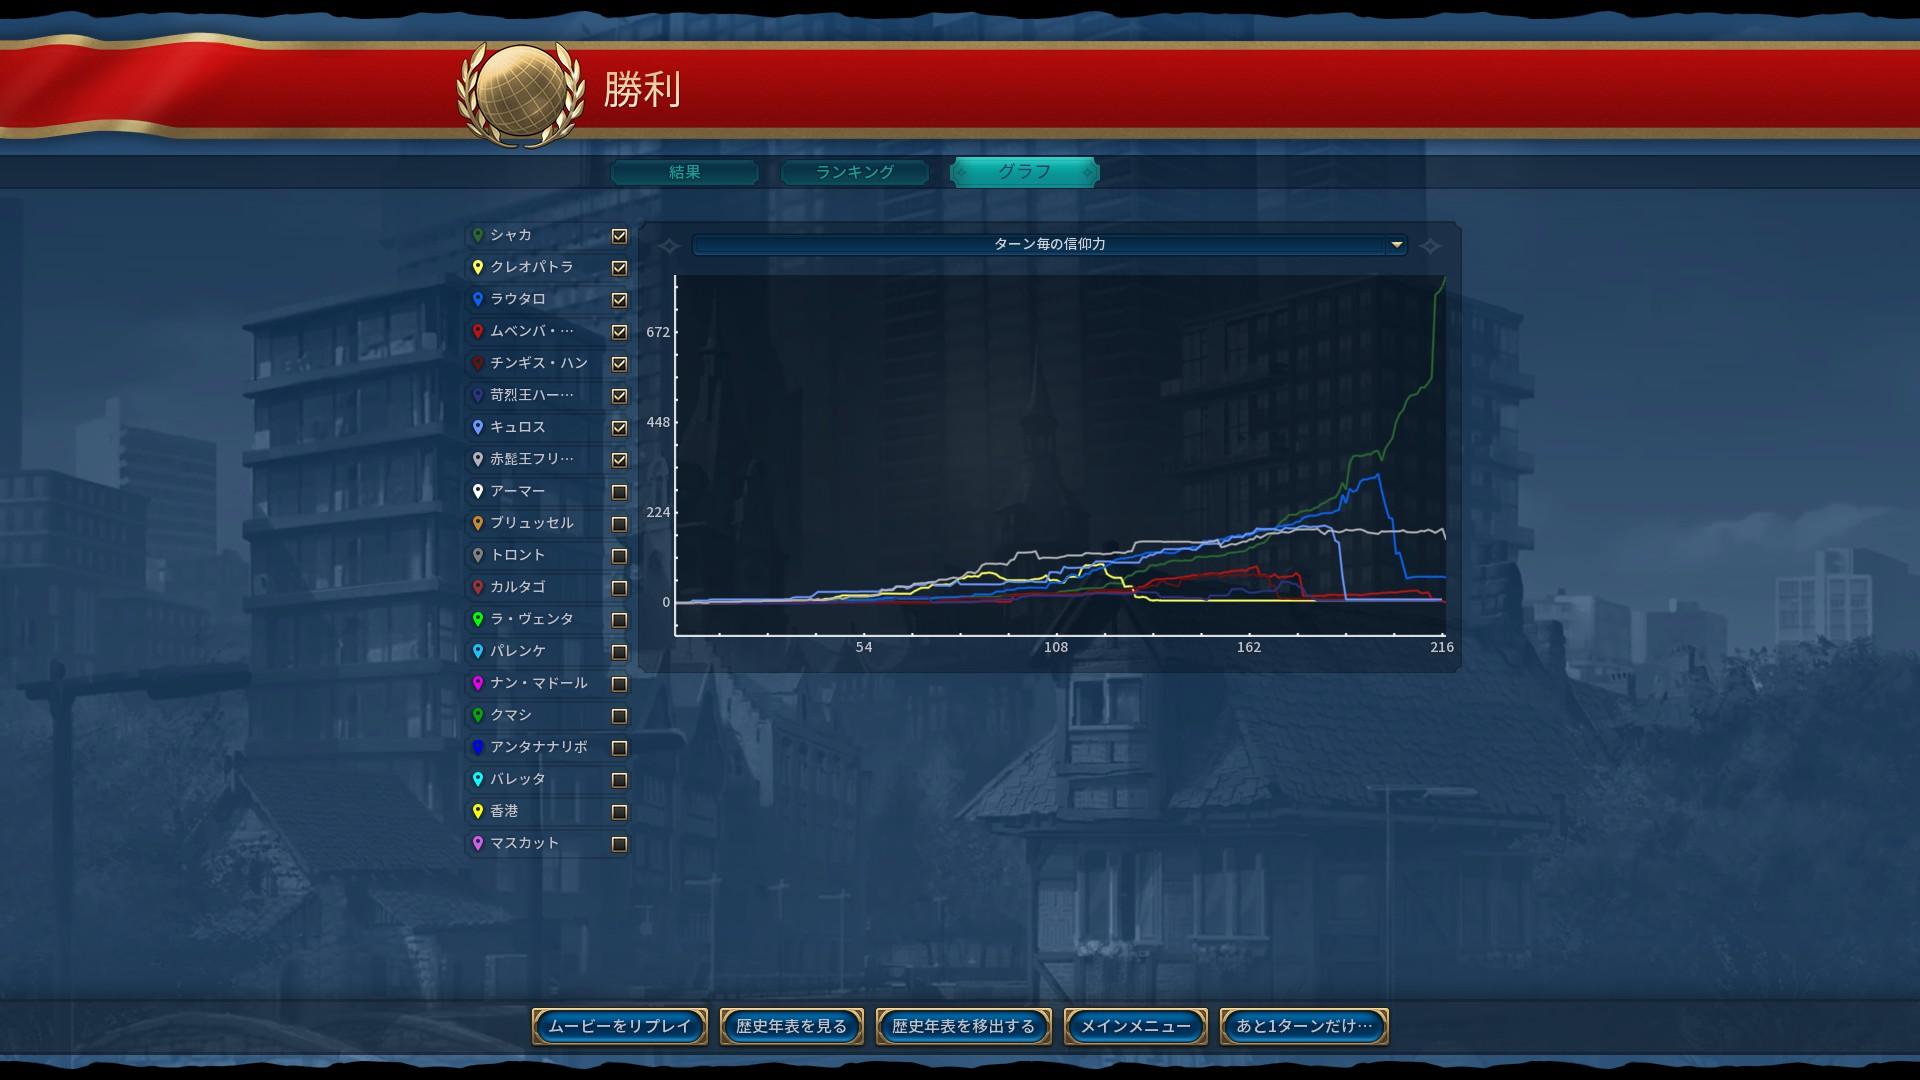 07_信仰力グラフ.jpg